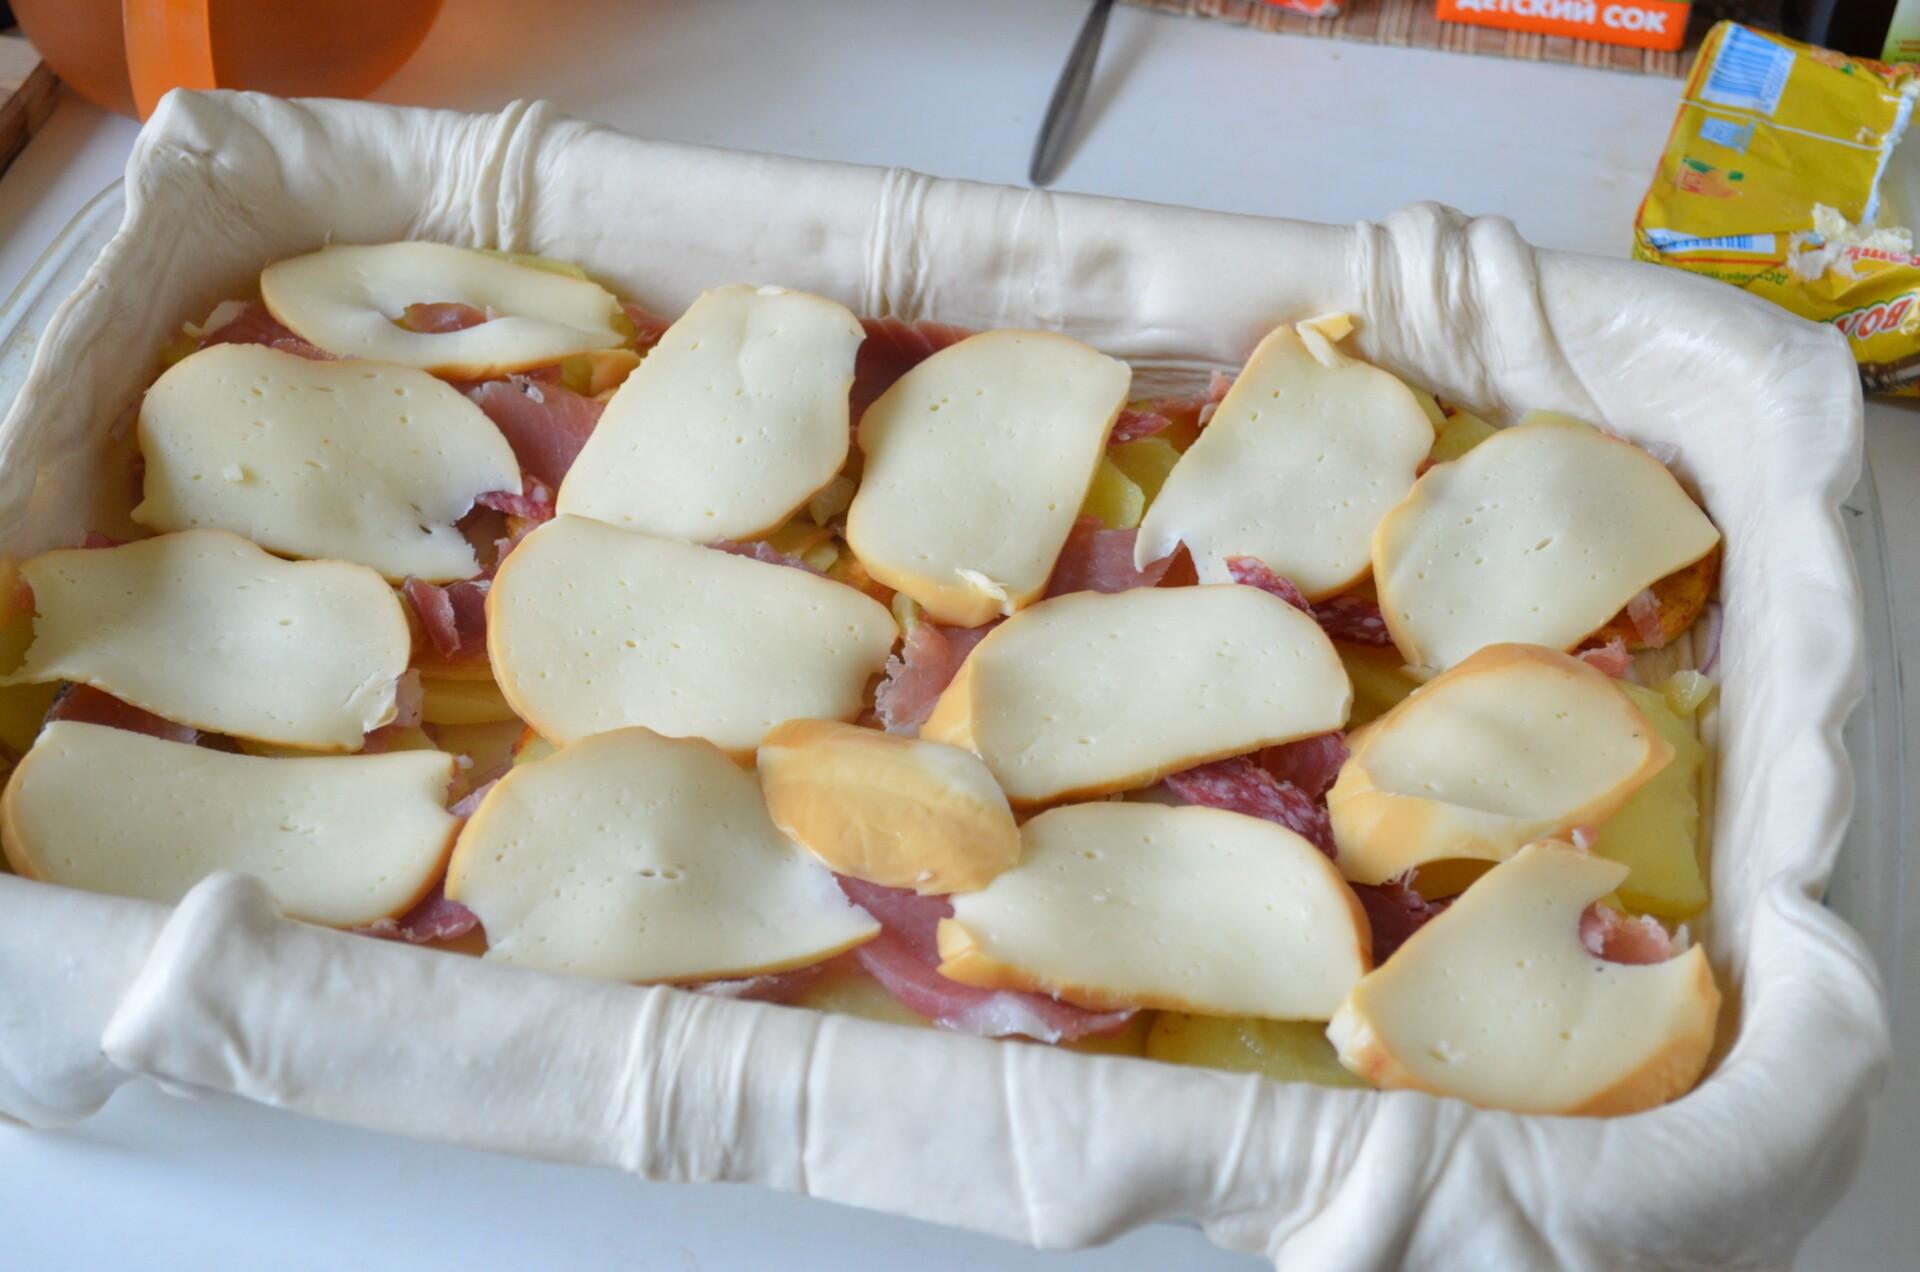 Сверху кладем слой сыра, слегка солим и перчим пирог